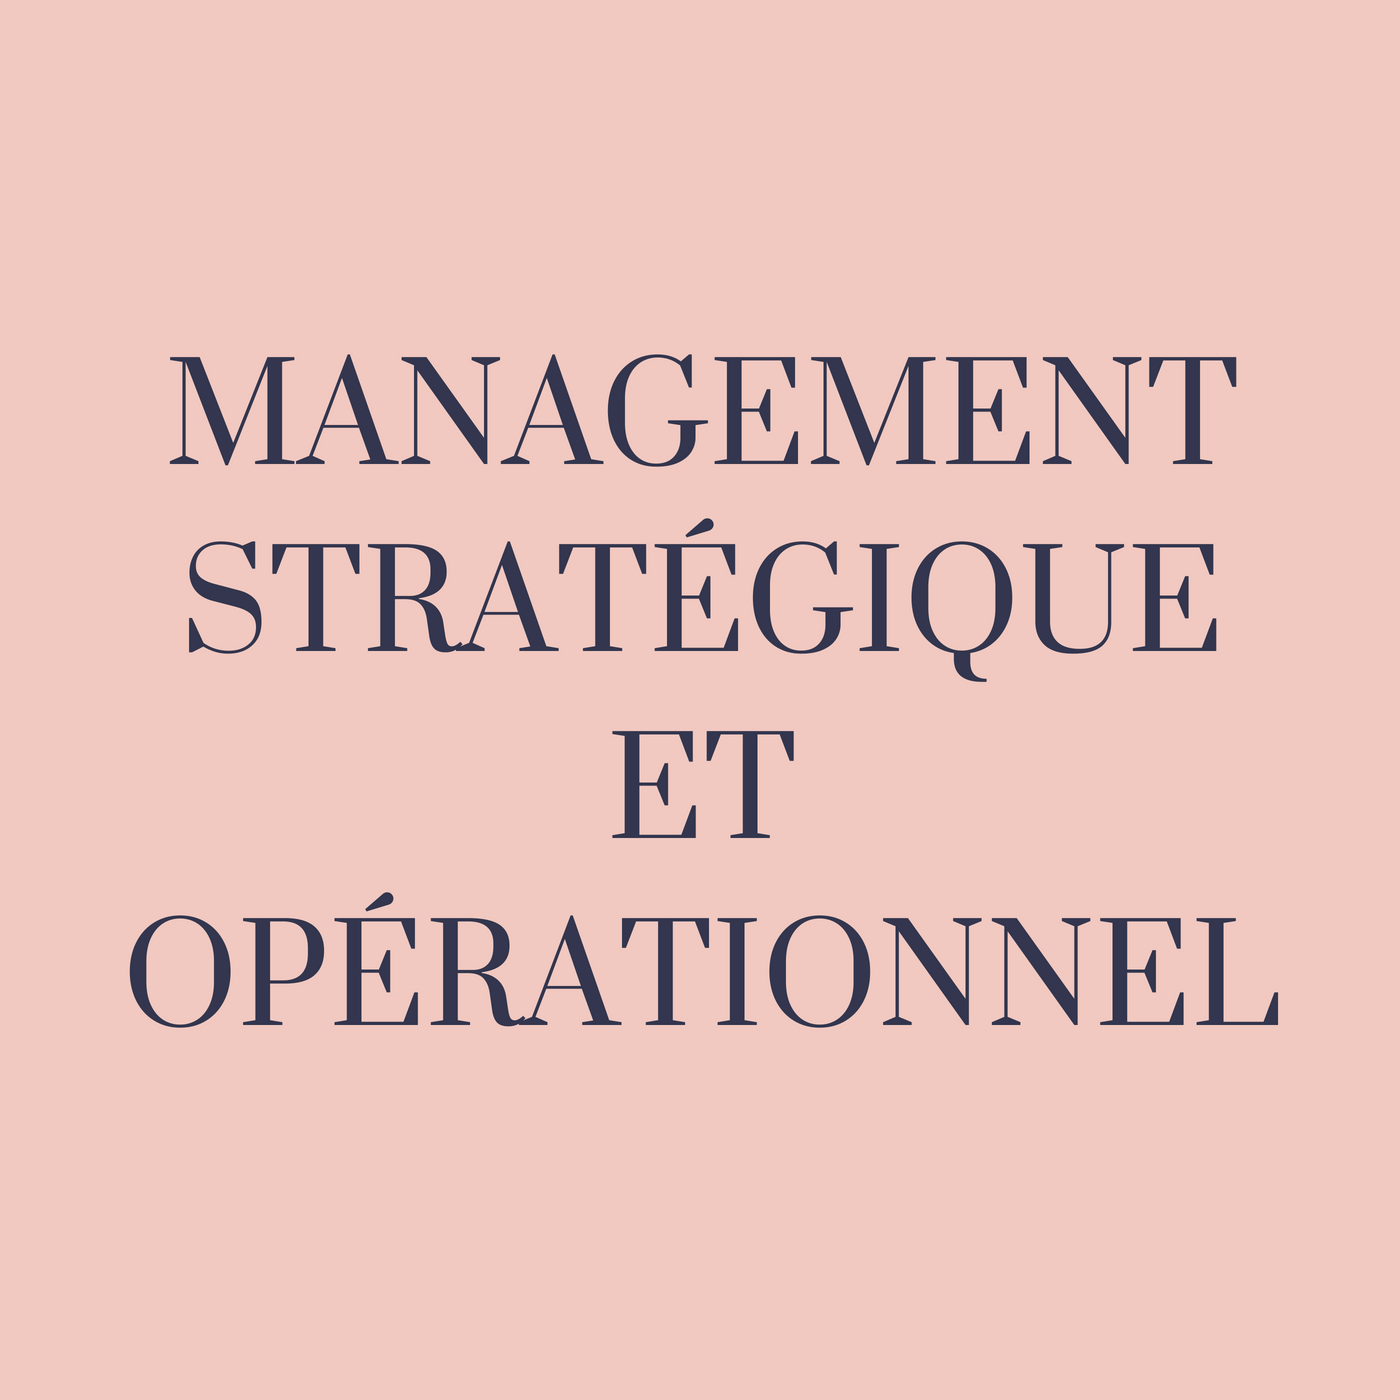 Les finalités de l'entreprise : Le management stratégique et le management opérationnel